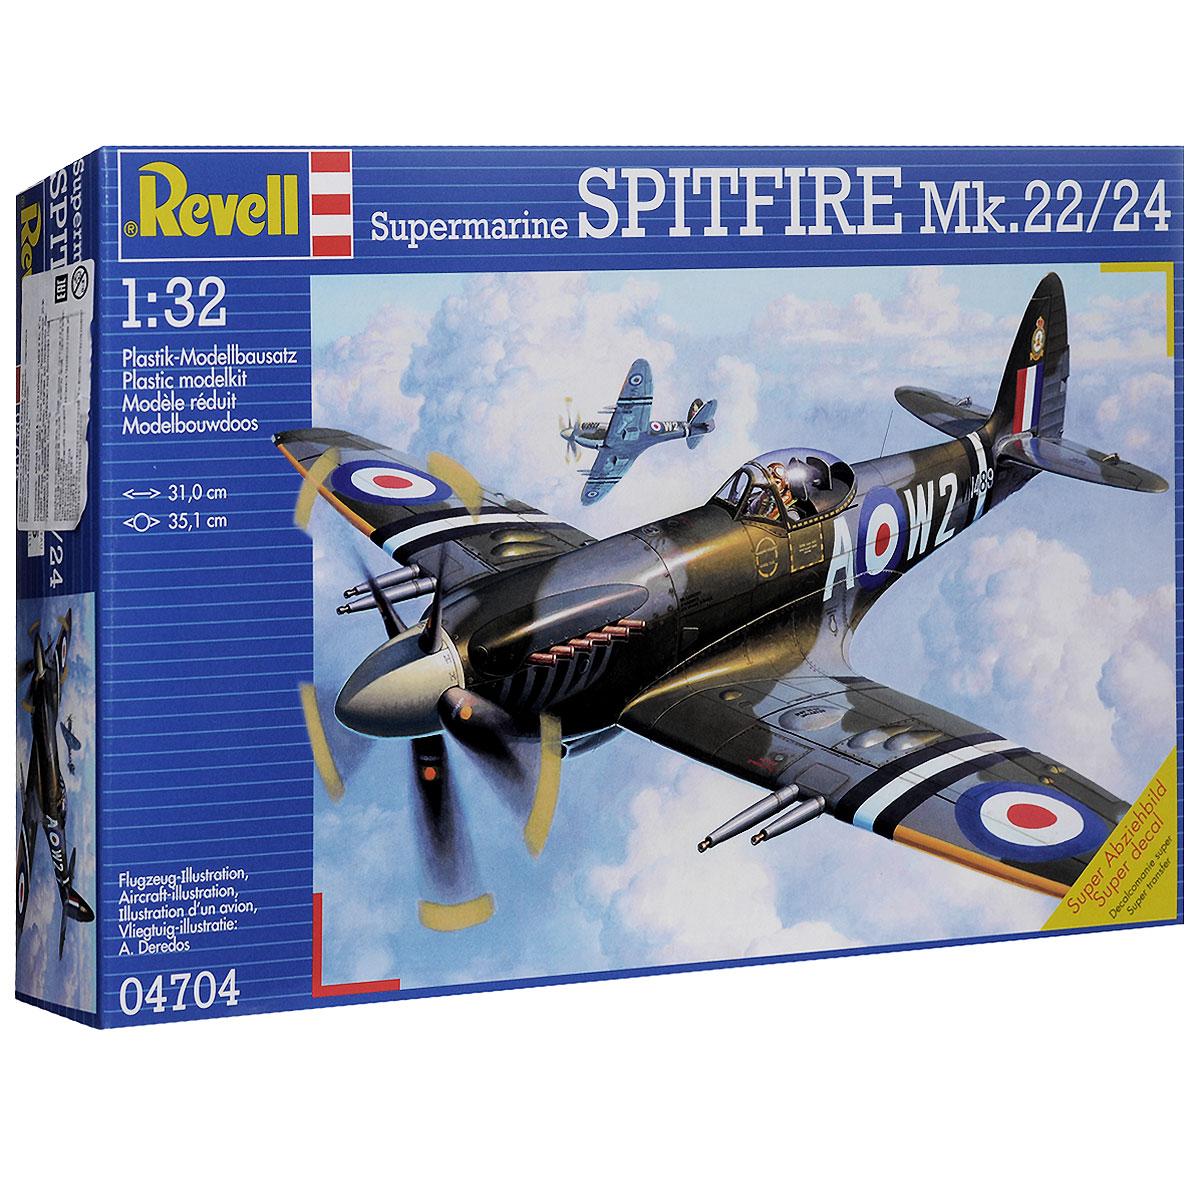 Сборная модель Revell Военный самолет Spitfire Mk-22/244704Сборная модель Revell Военный самолет Spitfire Mk-22/24 вы и ваш ребенок сможете собрать уменьшенную копию настоящего самолета. Spitfire Mk-22/24 - самый известный и многочисленный военный самолет Британских ВВС времен Второй мировой войны. Он постоянно модифицировался и развивался. Версии 22 и 24 были очень похожи между собой, отличаясь лишь электрической системой. Mk 22 использовался в 73 эскадрильи Ближнего Востока, на Мальте, в 1946-1951 годах еще в Ирландии. Mk 24 служил в 80 эскадрильи. Вооружение самолета состояло из четырех 20-мм пушек, он мог нести до 454 кг бомб или ракет, развивал скорость в 726 км/час. Набор содержит все необходимое: 118 элементов для сборки, схематичную инструкцию и лист с наклейками. Благодаря набору ваш ребенок разовьет интеллектуальные и инструментальные способности, воображение, конструктивное мышление, внимание, терпение и кругозор. Уровень сложности: 5. УВАЖАЕМЫЕ КЛИЕНТЫ! Обращаем ваше внимание на тот...